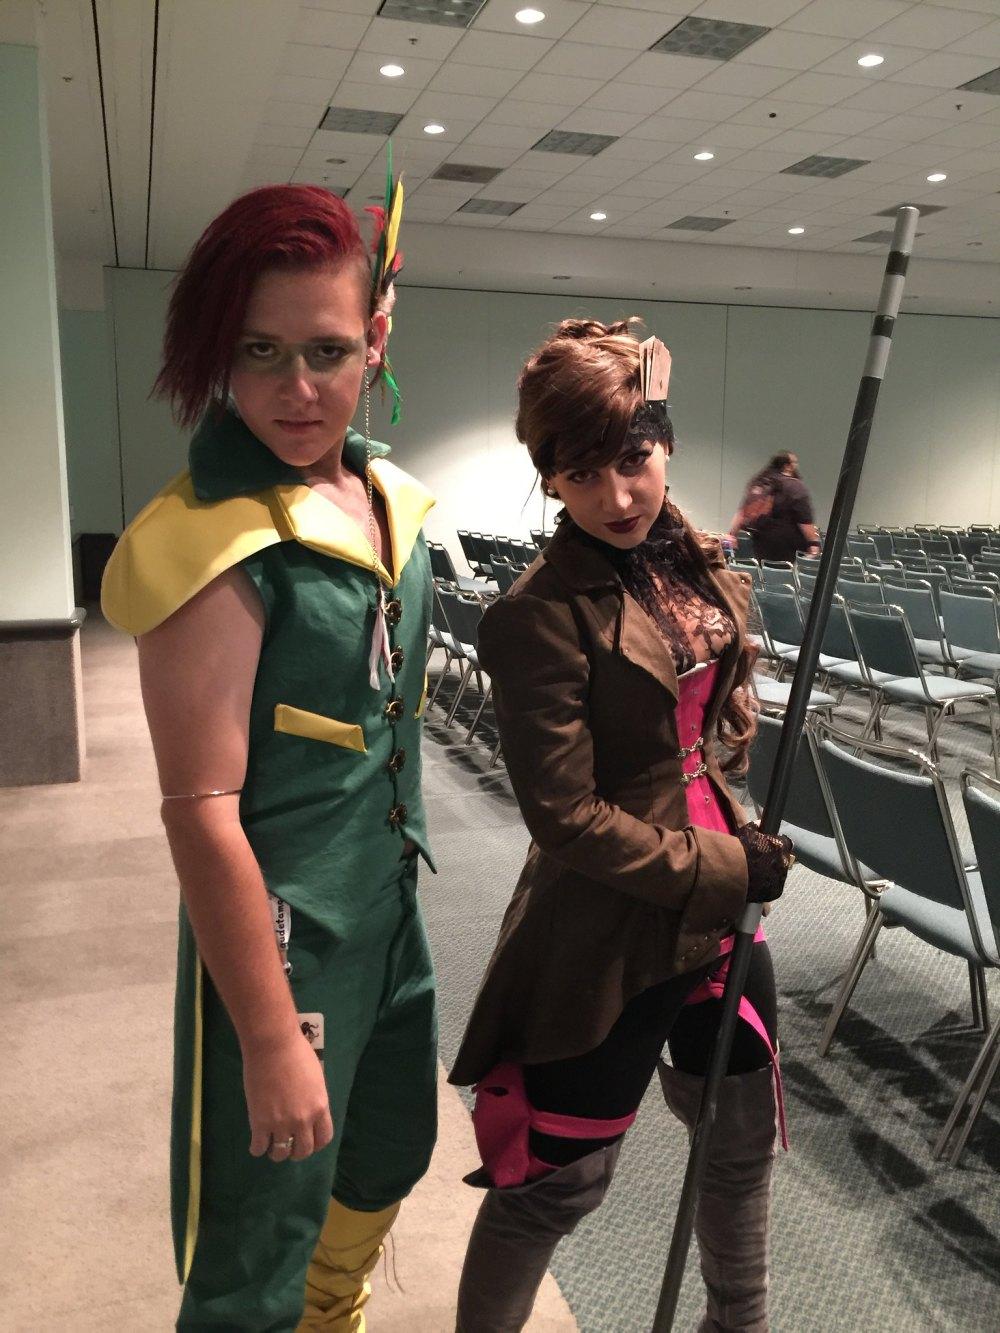 Phoenix and Gambit